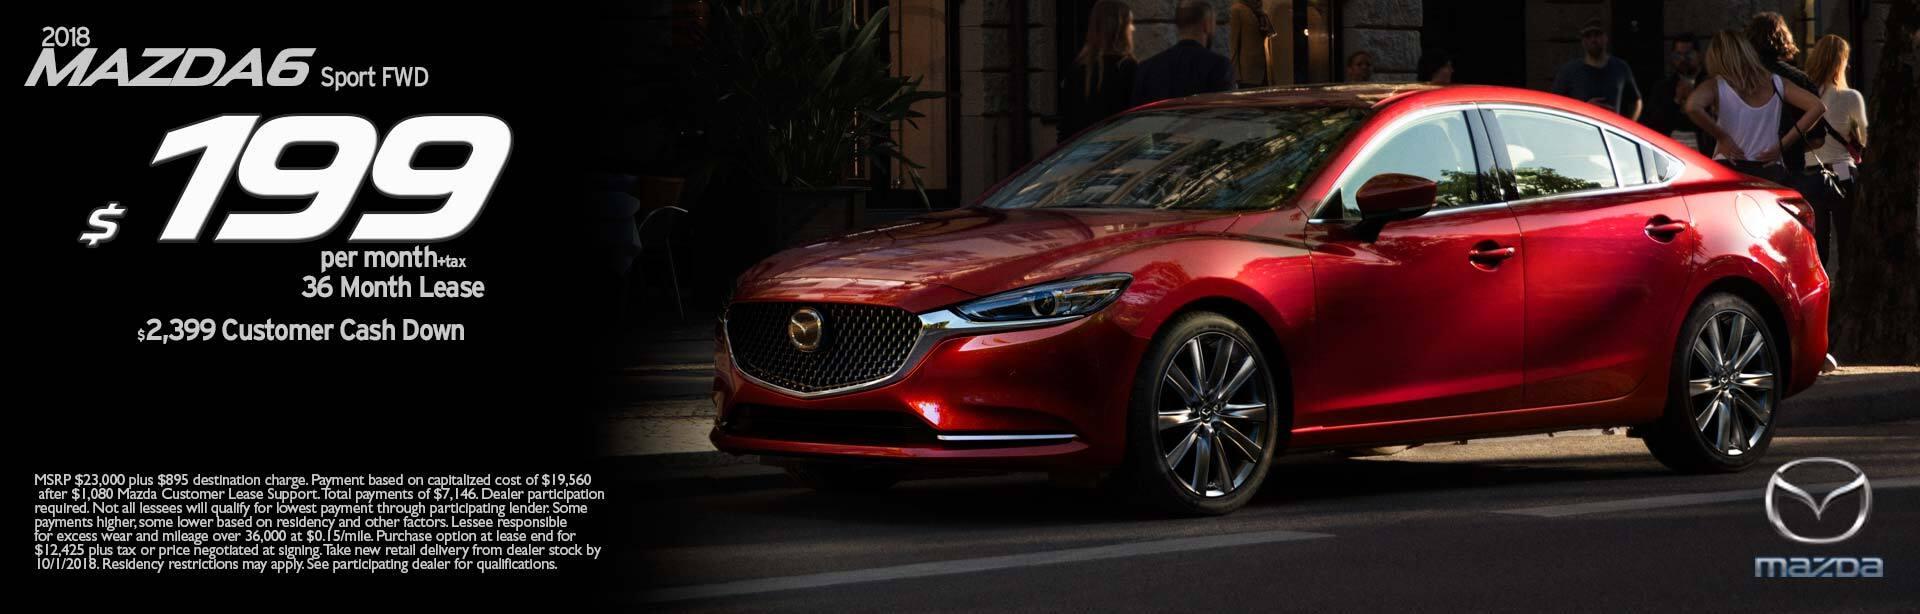 2018 Mazda Sport